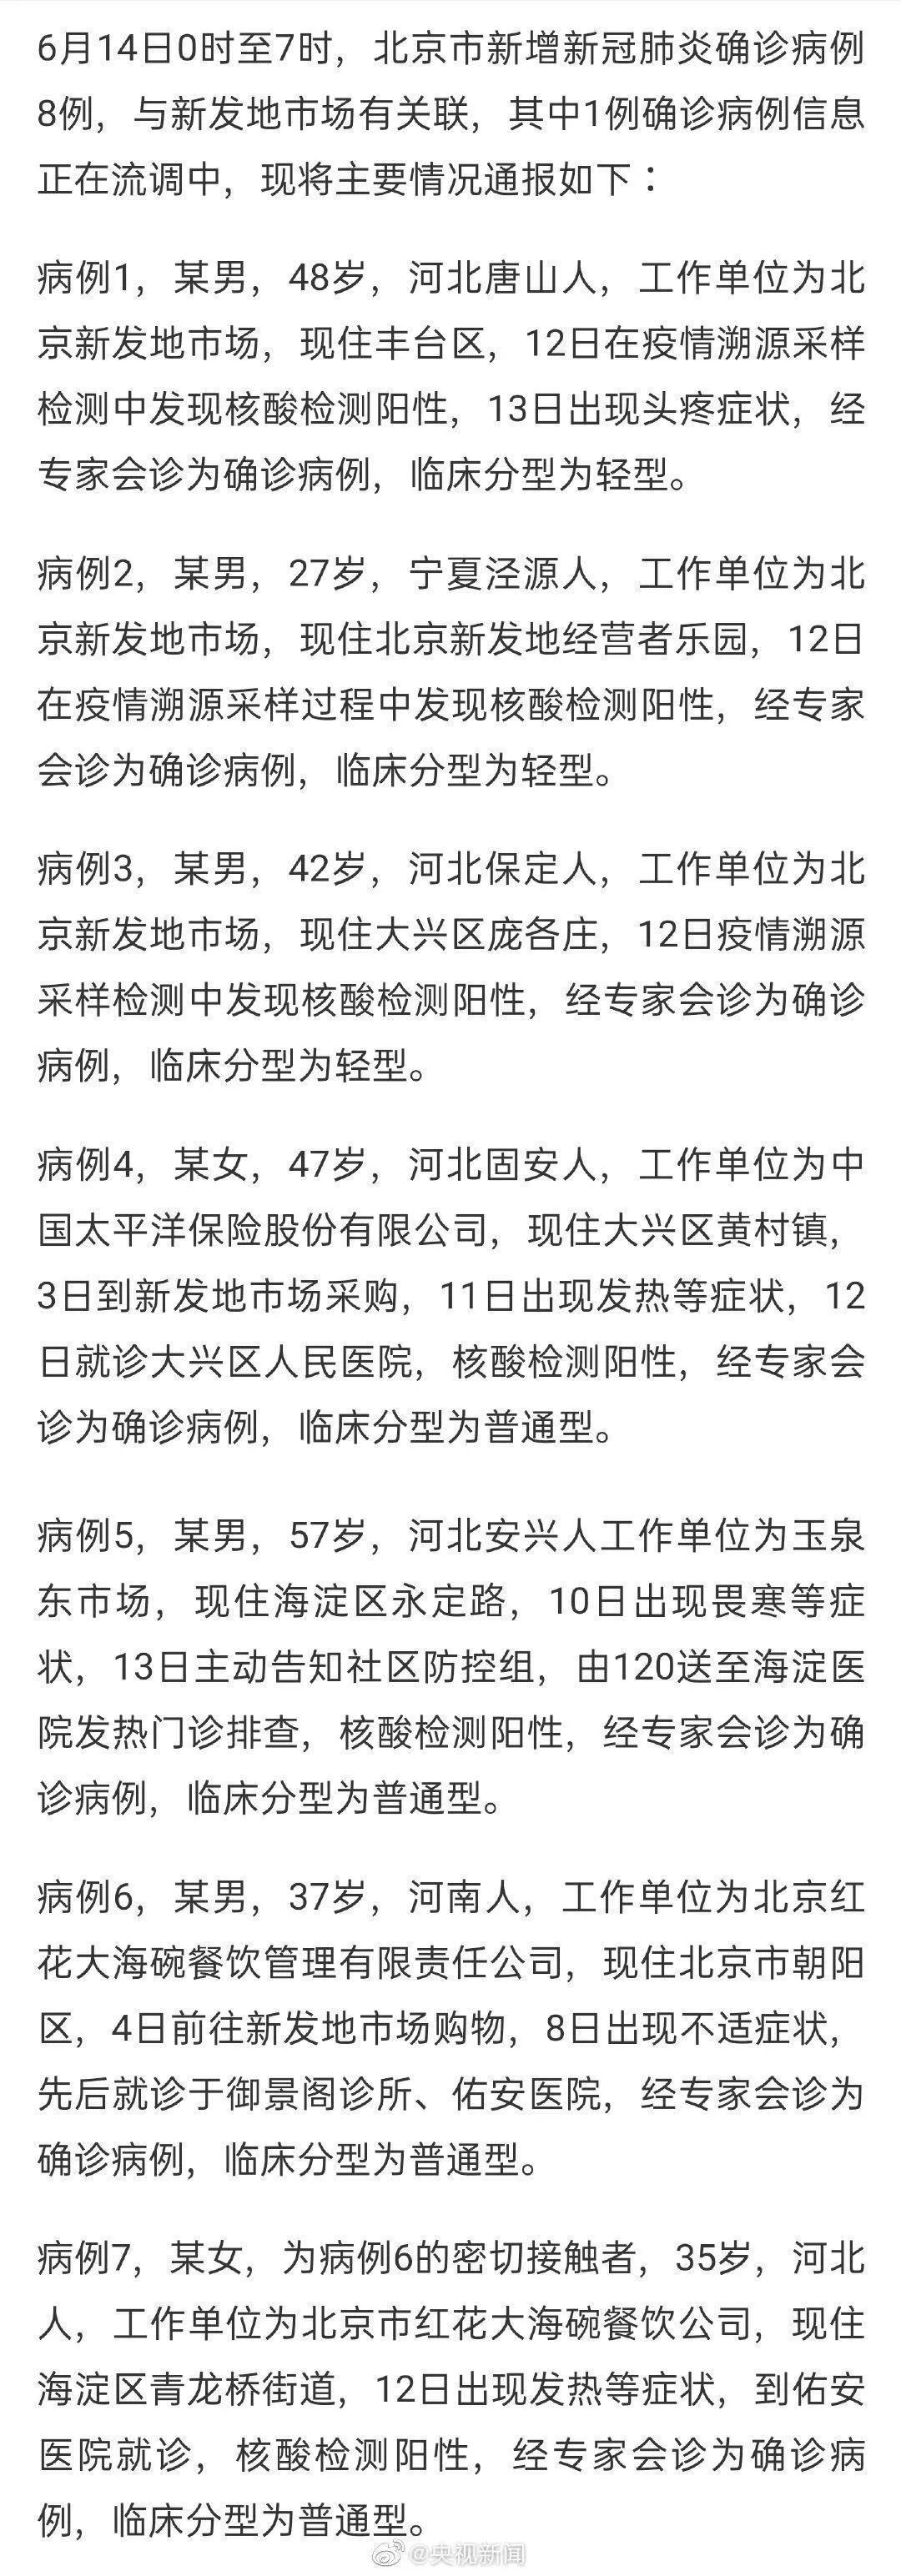 媒体北京不会成为第二个武汉高德招商,高德招商图片